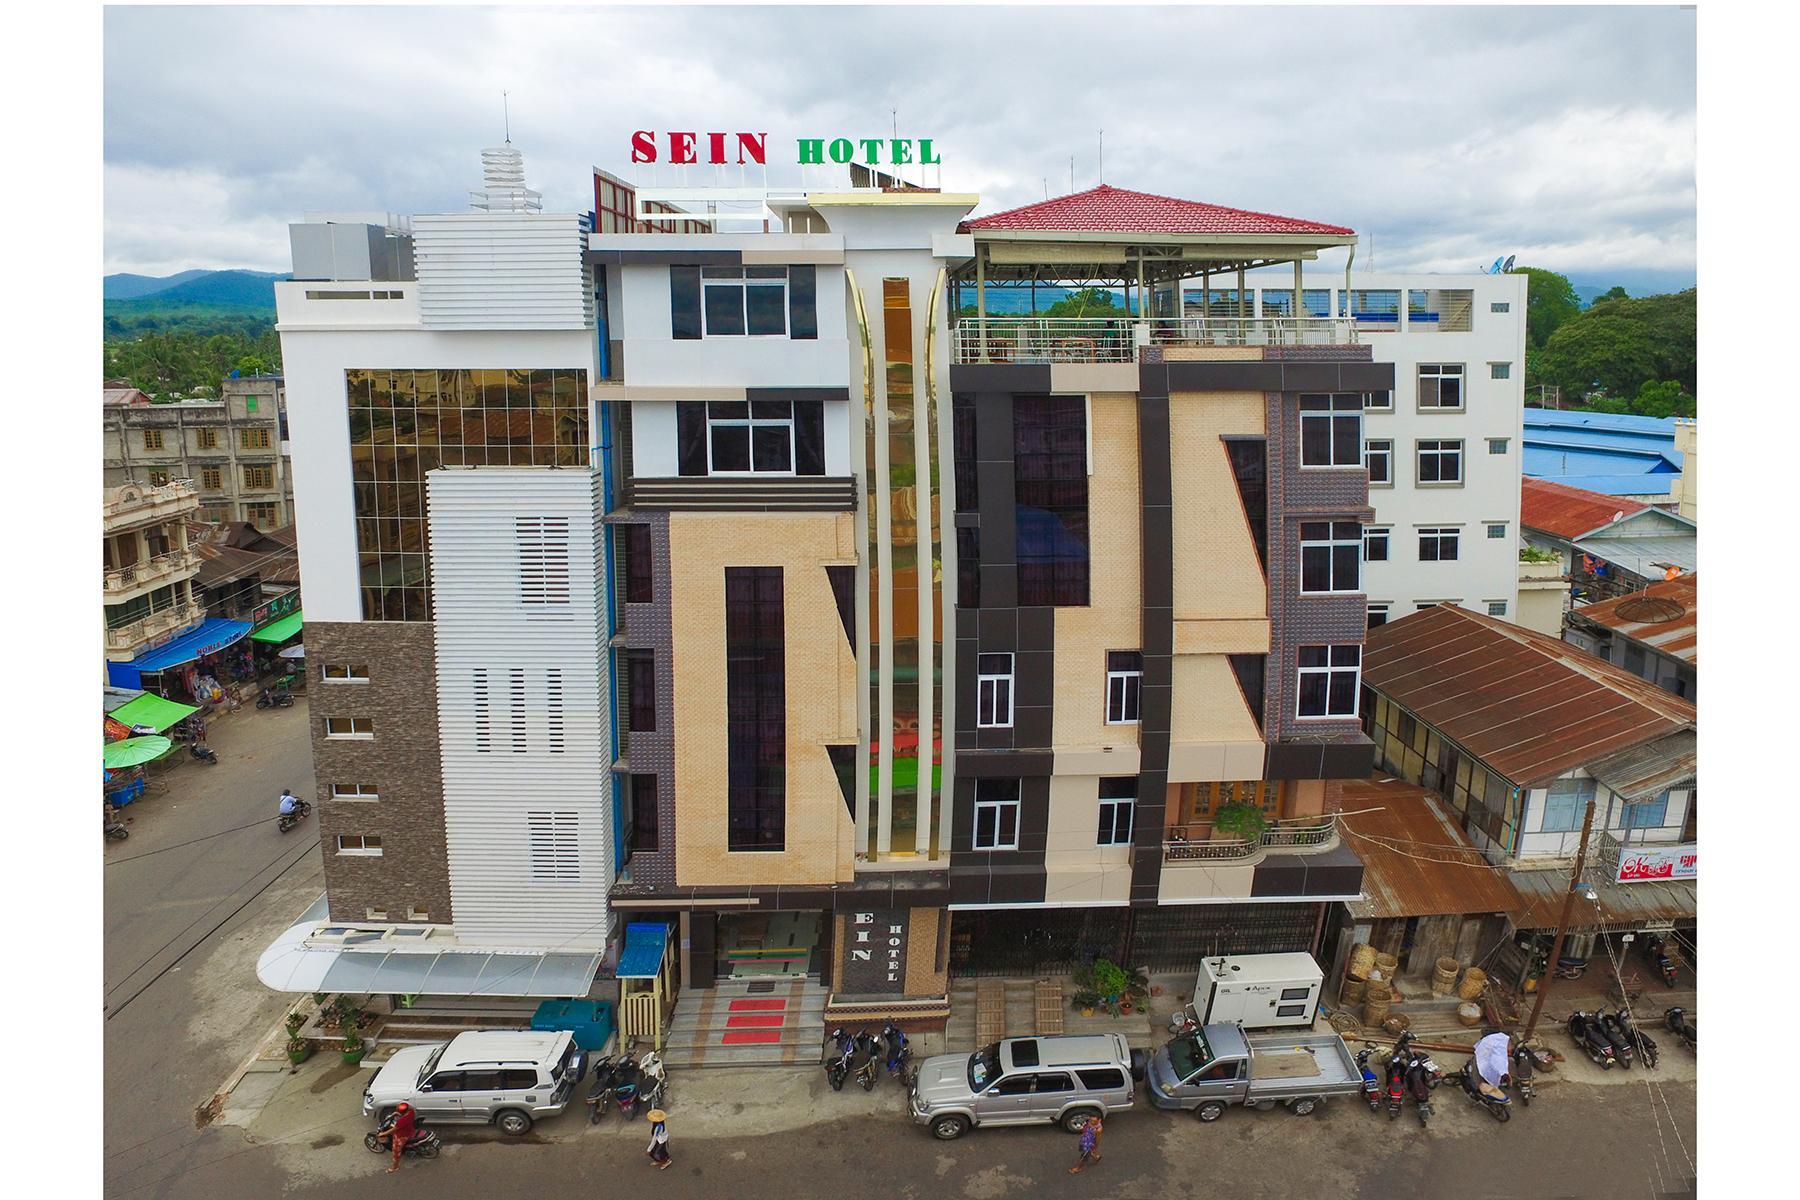 Sein Hotel